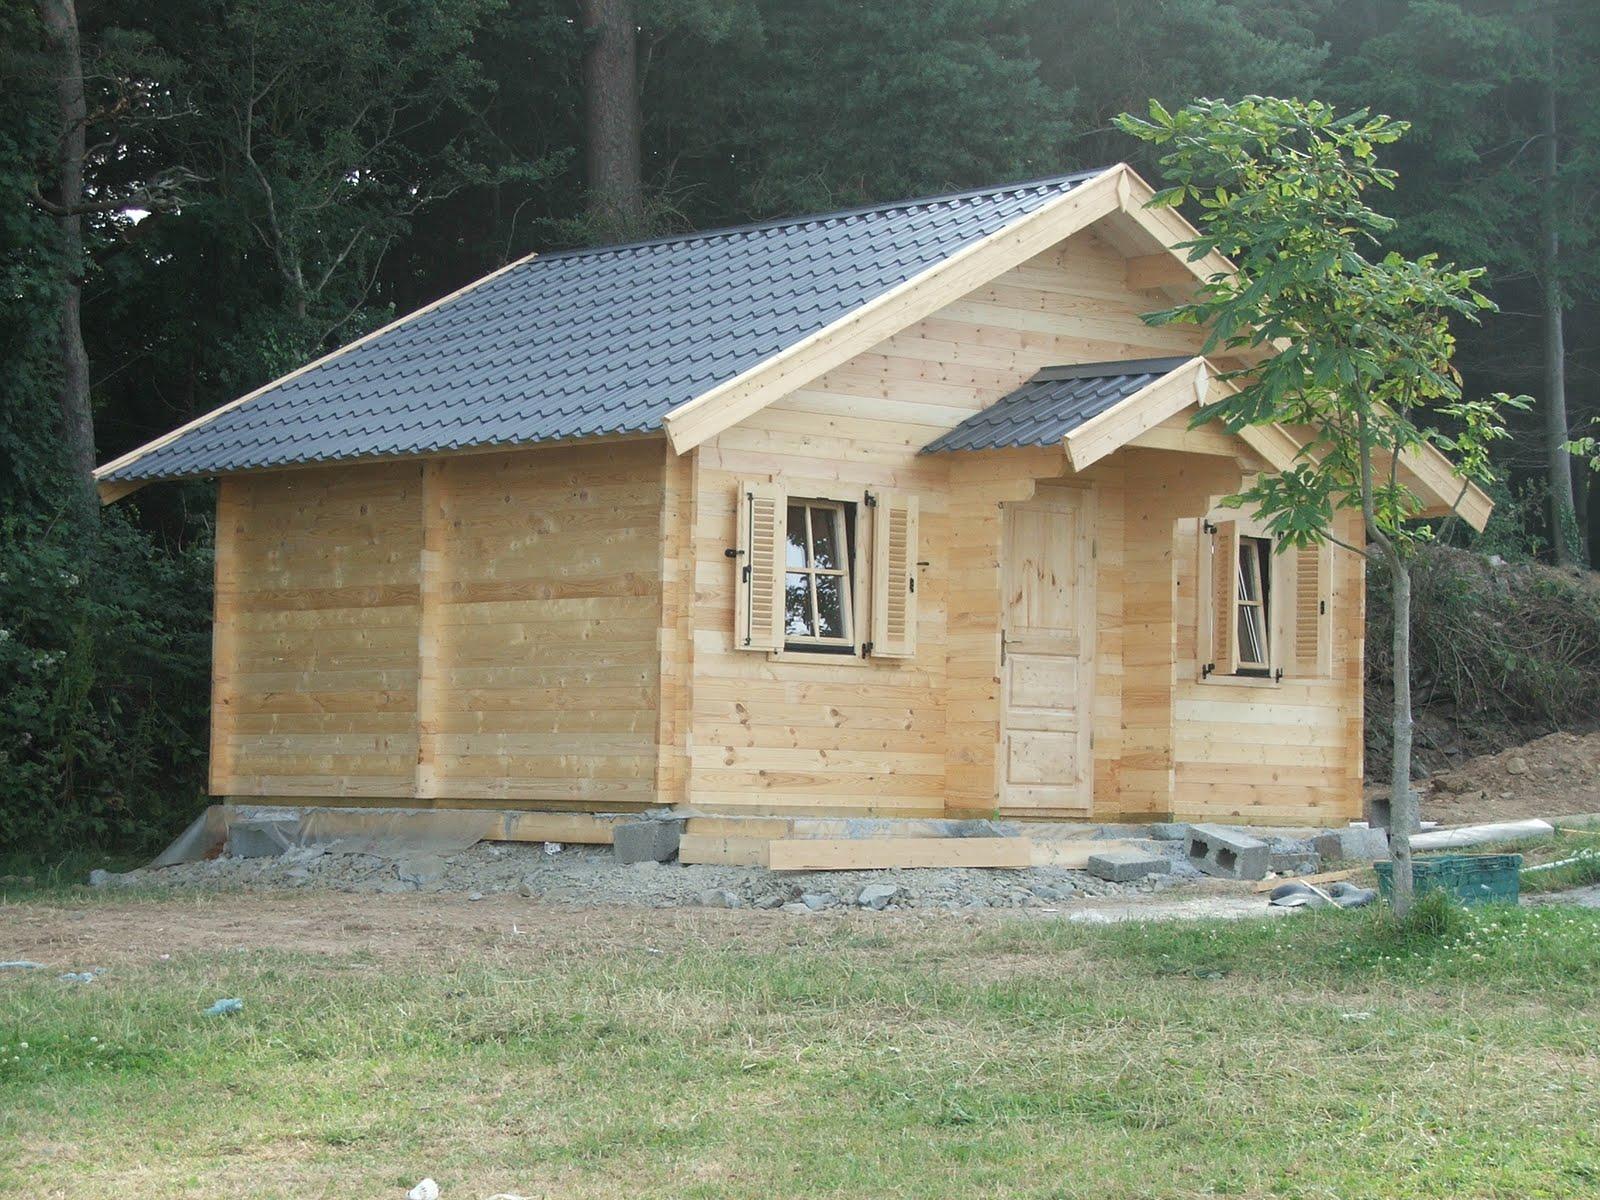 Bienvenue chez amexd co habitation legere de loisirs for Habitation legere de loisir